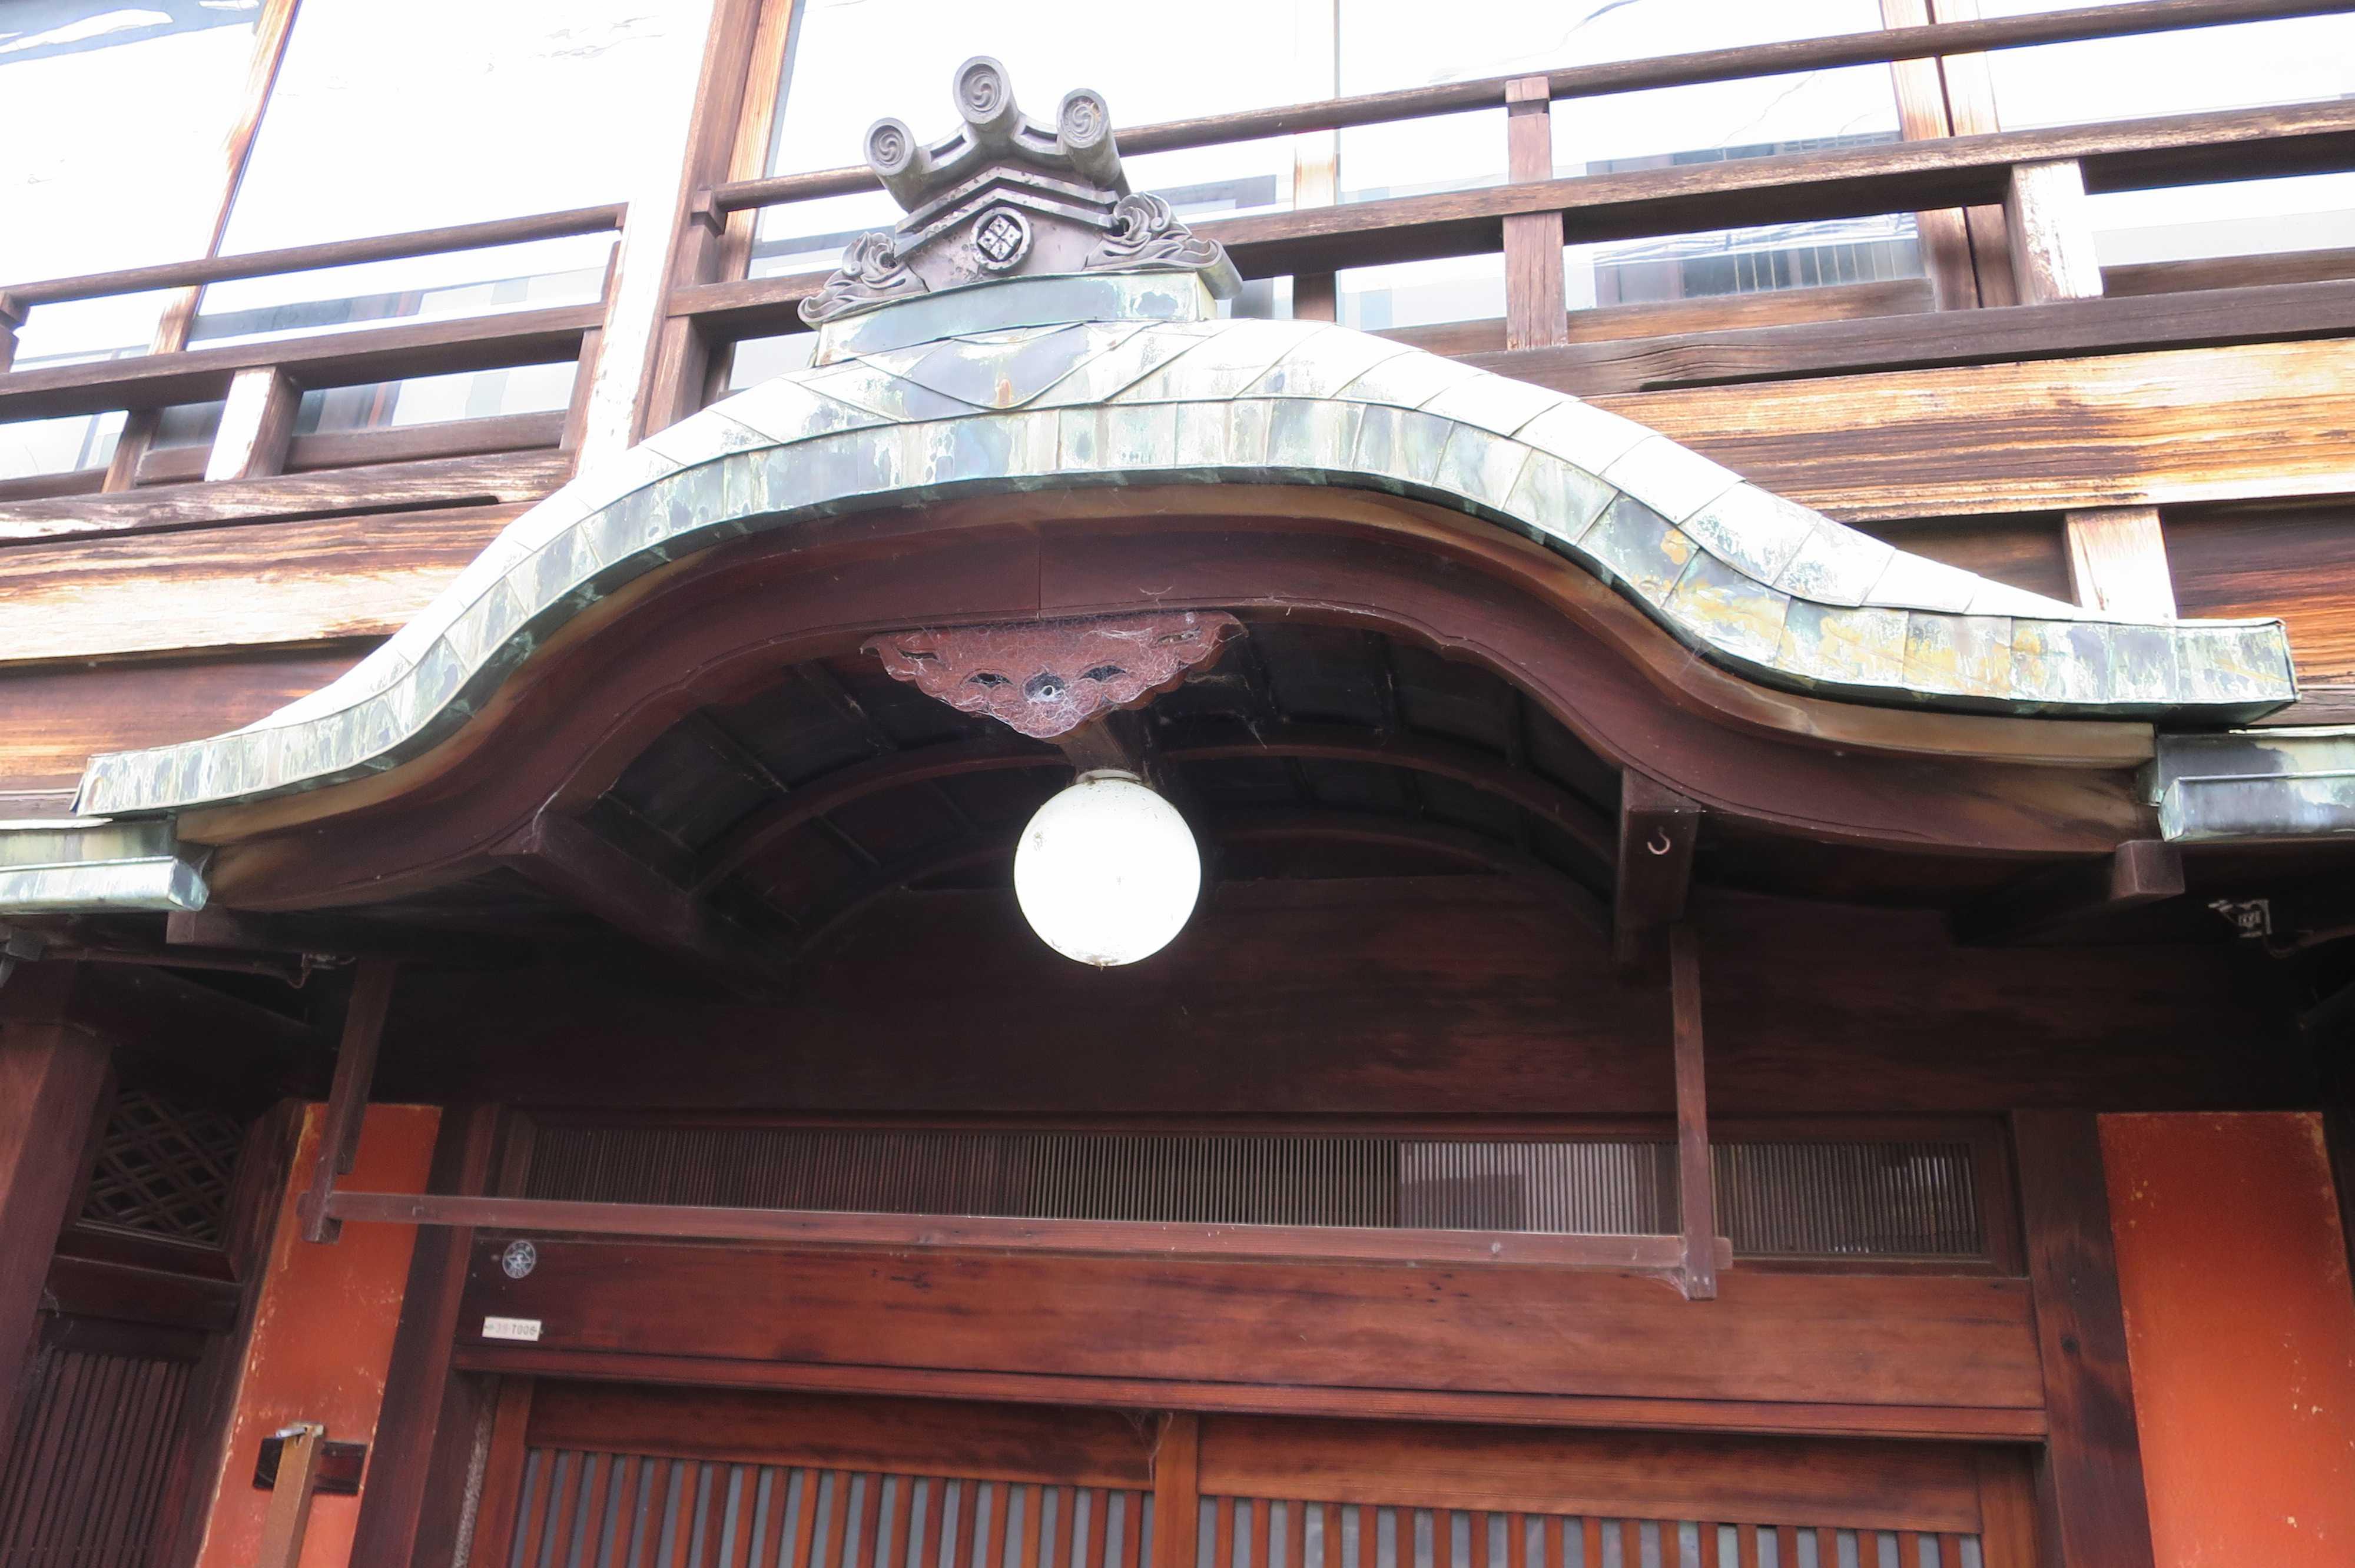 京都・五条楽園の遊郭の唐破風(からはふ)屋根と丸い電球